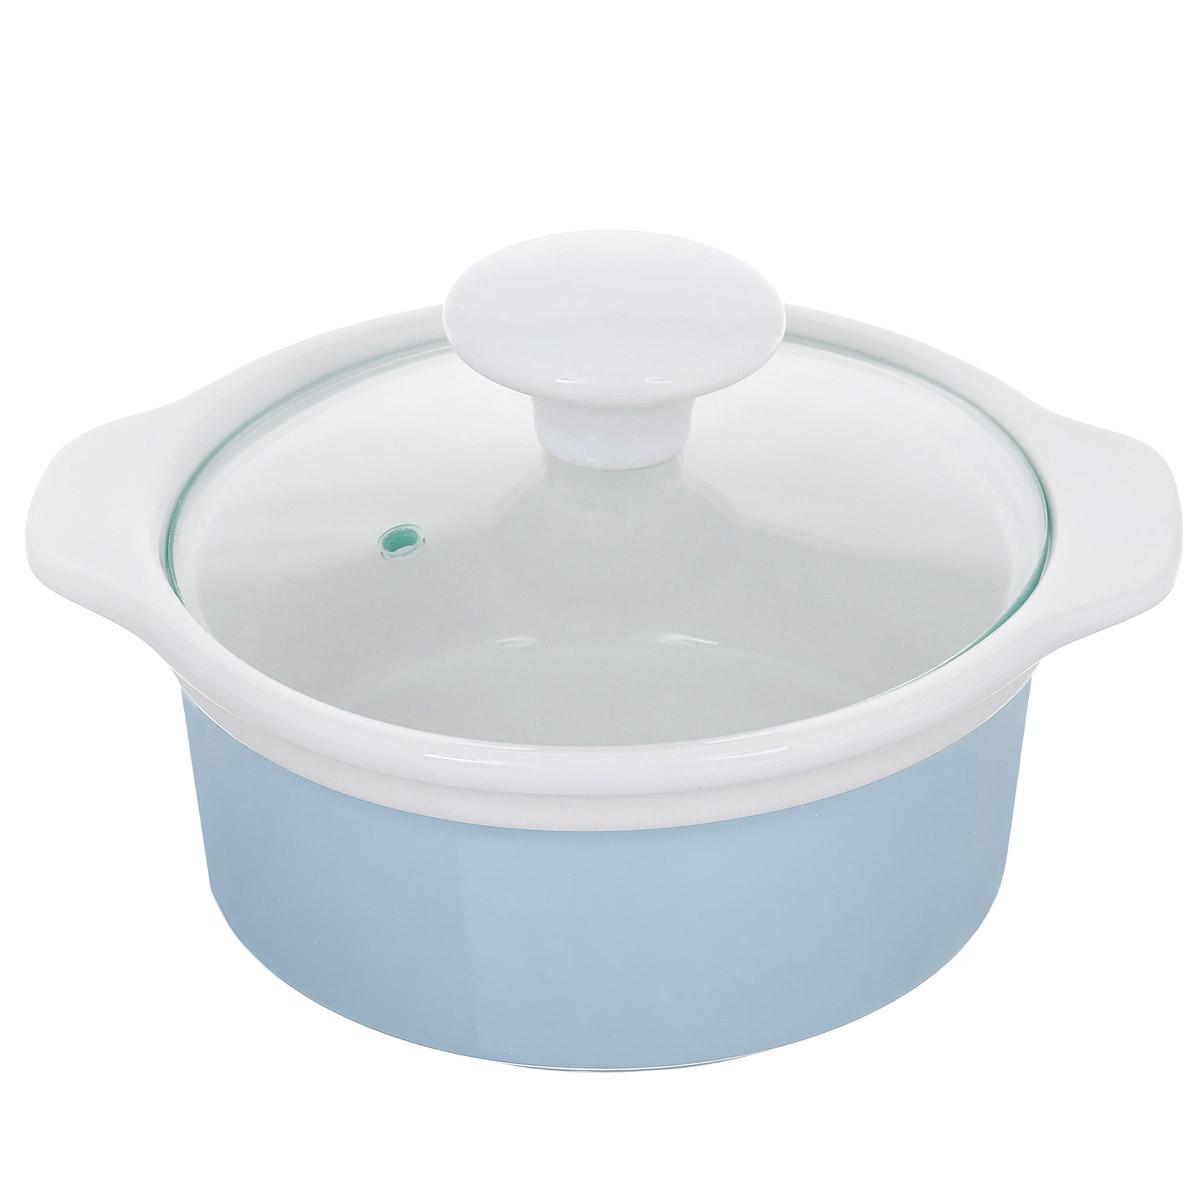 Кастрюля с крышкой, цвет: голубой, 0,6 л. Кт CX002SCX002S-BB (F)Кастрюля выполнена из высококачественной глазурованной керамики и предназначена для запекания различных блюд. Крышка кастрюли изготовлена из стекла с керамической ручкой и отверстием для пара. Можно мыть в посудомоечной машине и использовать в духовом шкафу. Не пригодна для использования на газовой плите. Это идеальный подарок для современных хозяек, которые следят за своим здоровьем и здоровьем своей семьи. Эргономичный дизайн и функциональность позволят вам наслаждаться процессом приготовления любимых, полезных для здоровья блюд. Внутренний диаметр: 12 см. Ширина (с учетом ручек) 17,5 см. Высота стенки: 6,7 см.